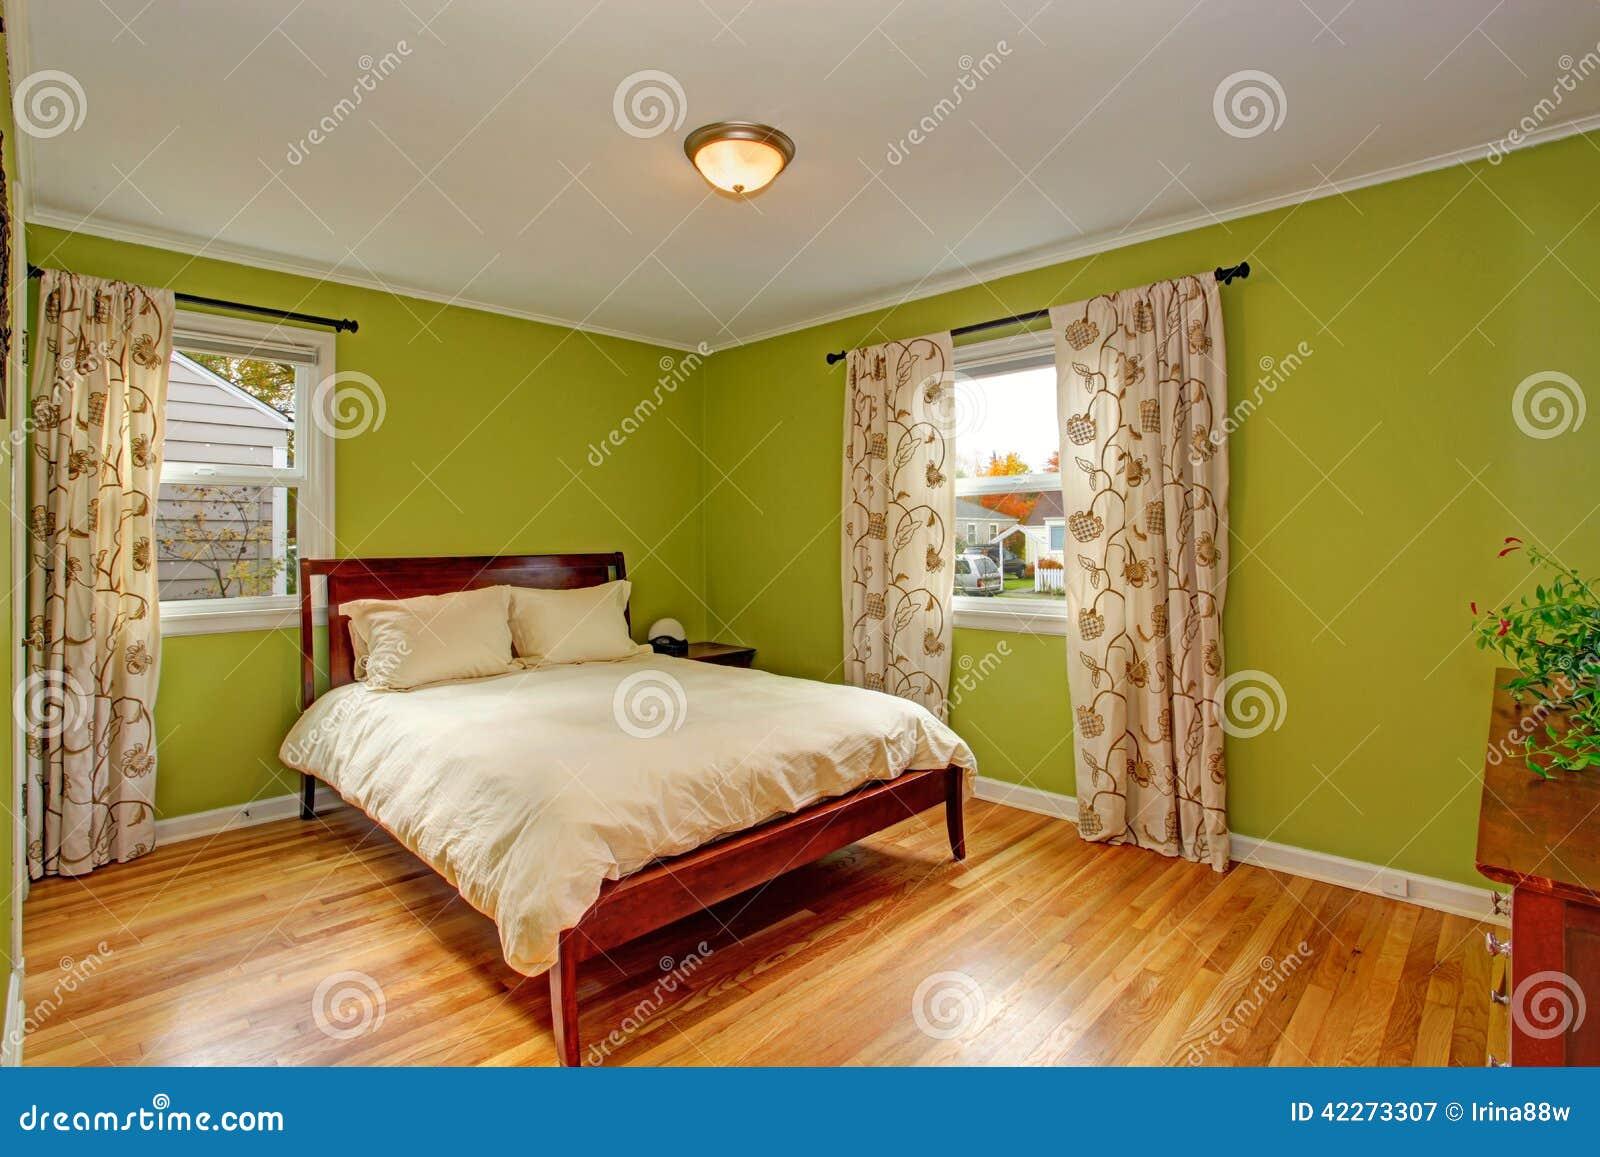 Slaapkamer Met Heldere Neon Groene Muren Stock Foto - Afbeelding ...